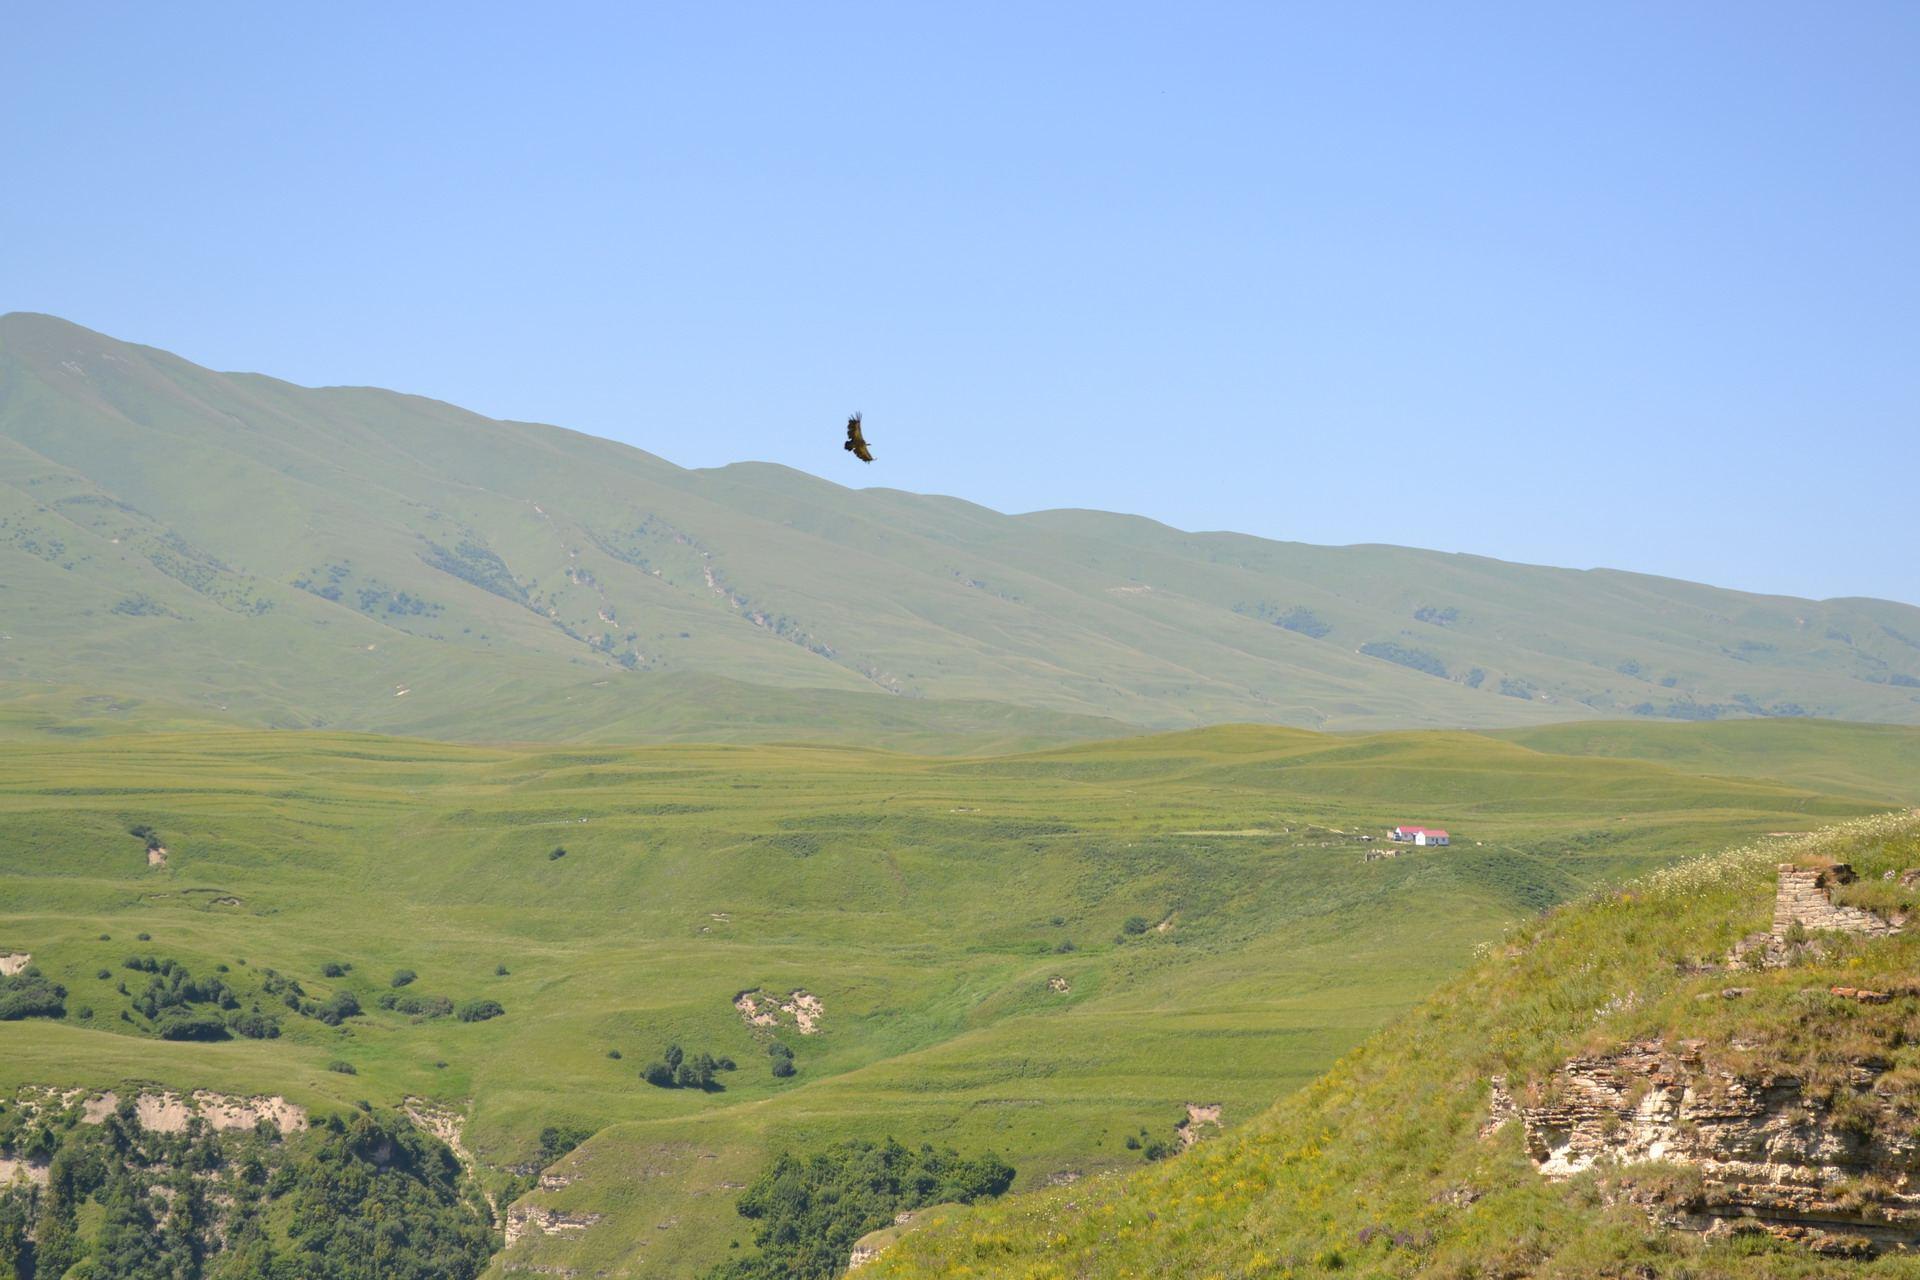 горный орёл, чечня, горы кавказа